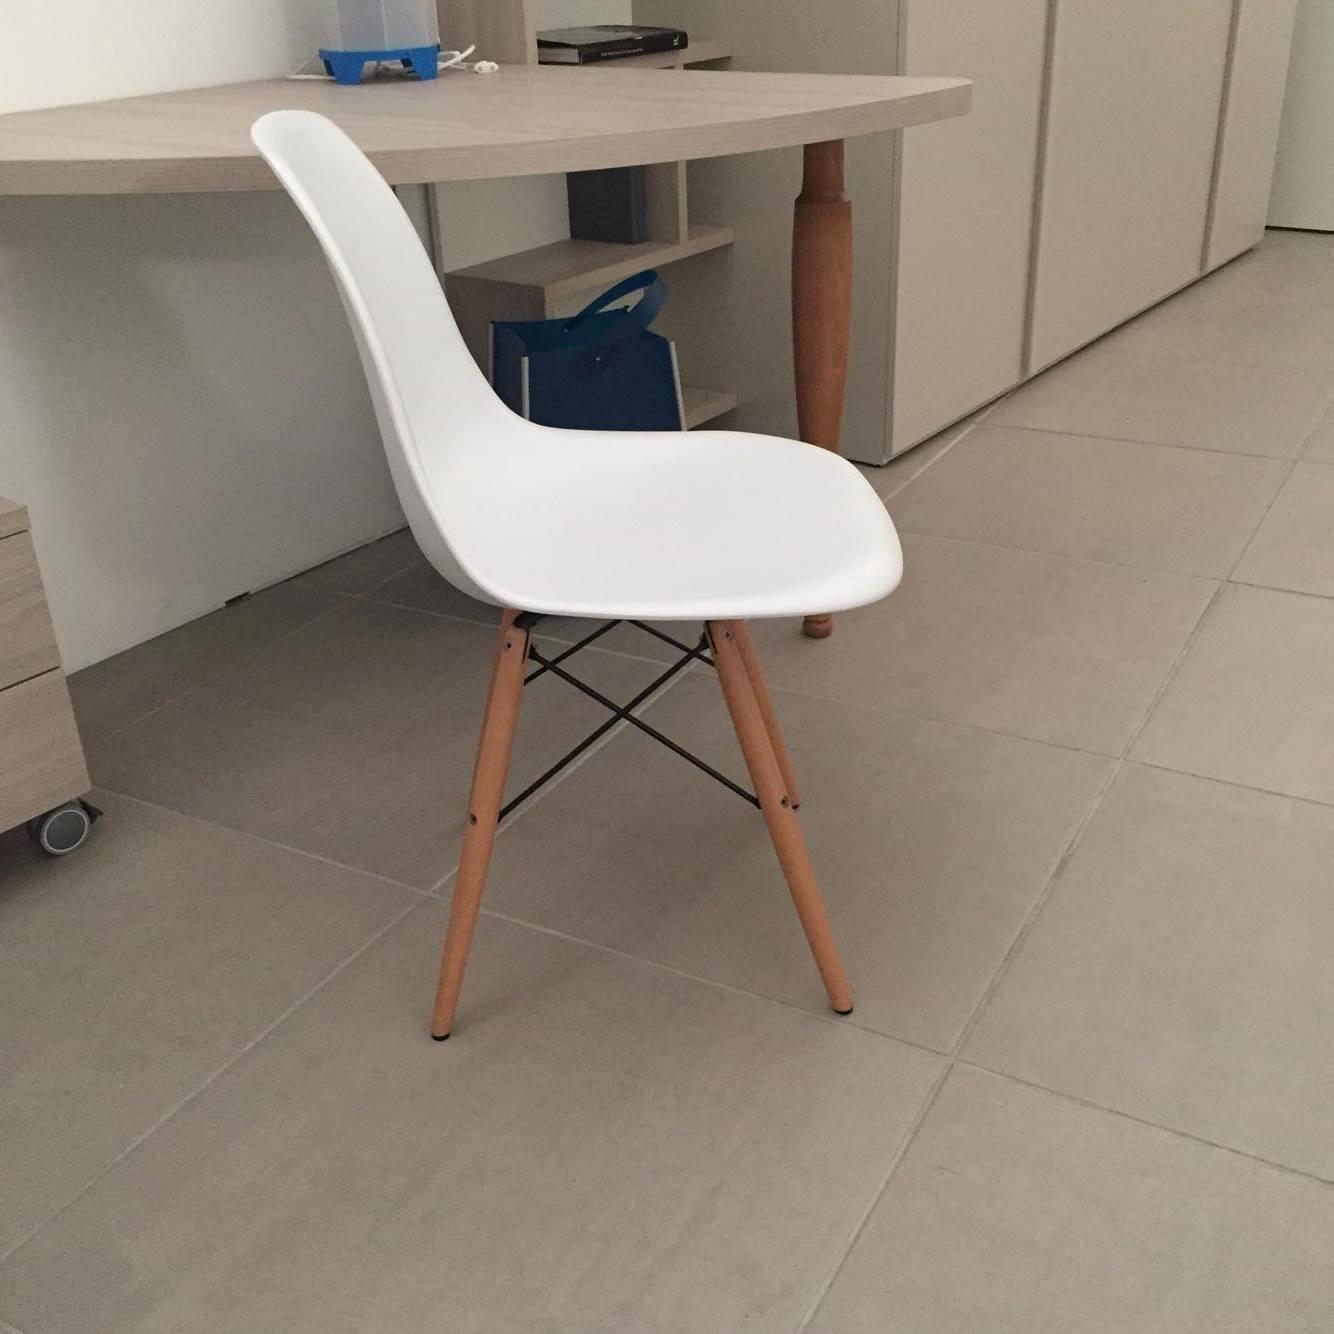 Sedie di design dsw in polipropilenee e legno di faggio 45 sedie a prezzi scontati - Sedie in legno design ...